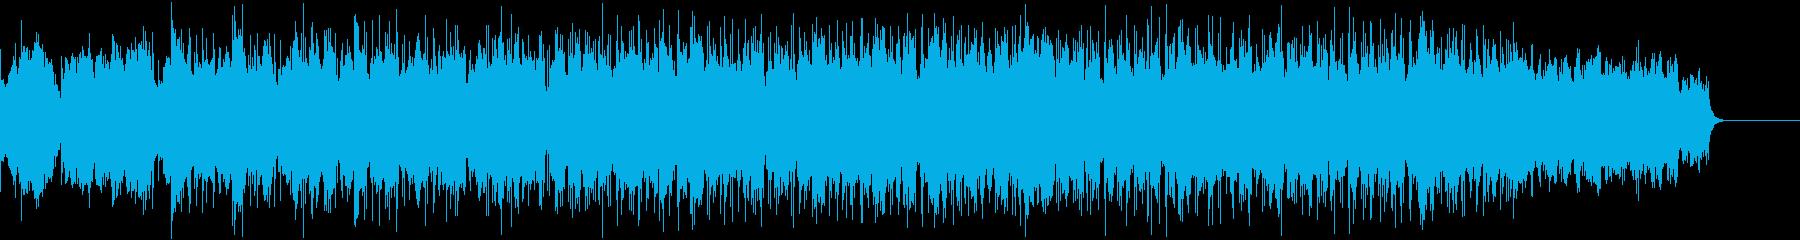 ピアノとストリングスのポップス・バラードの再生済みの波形